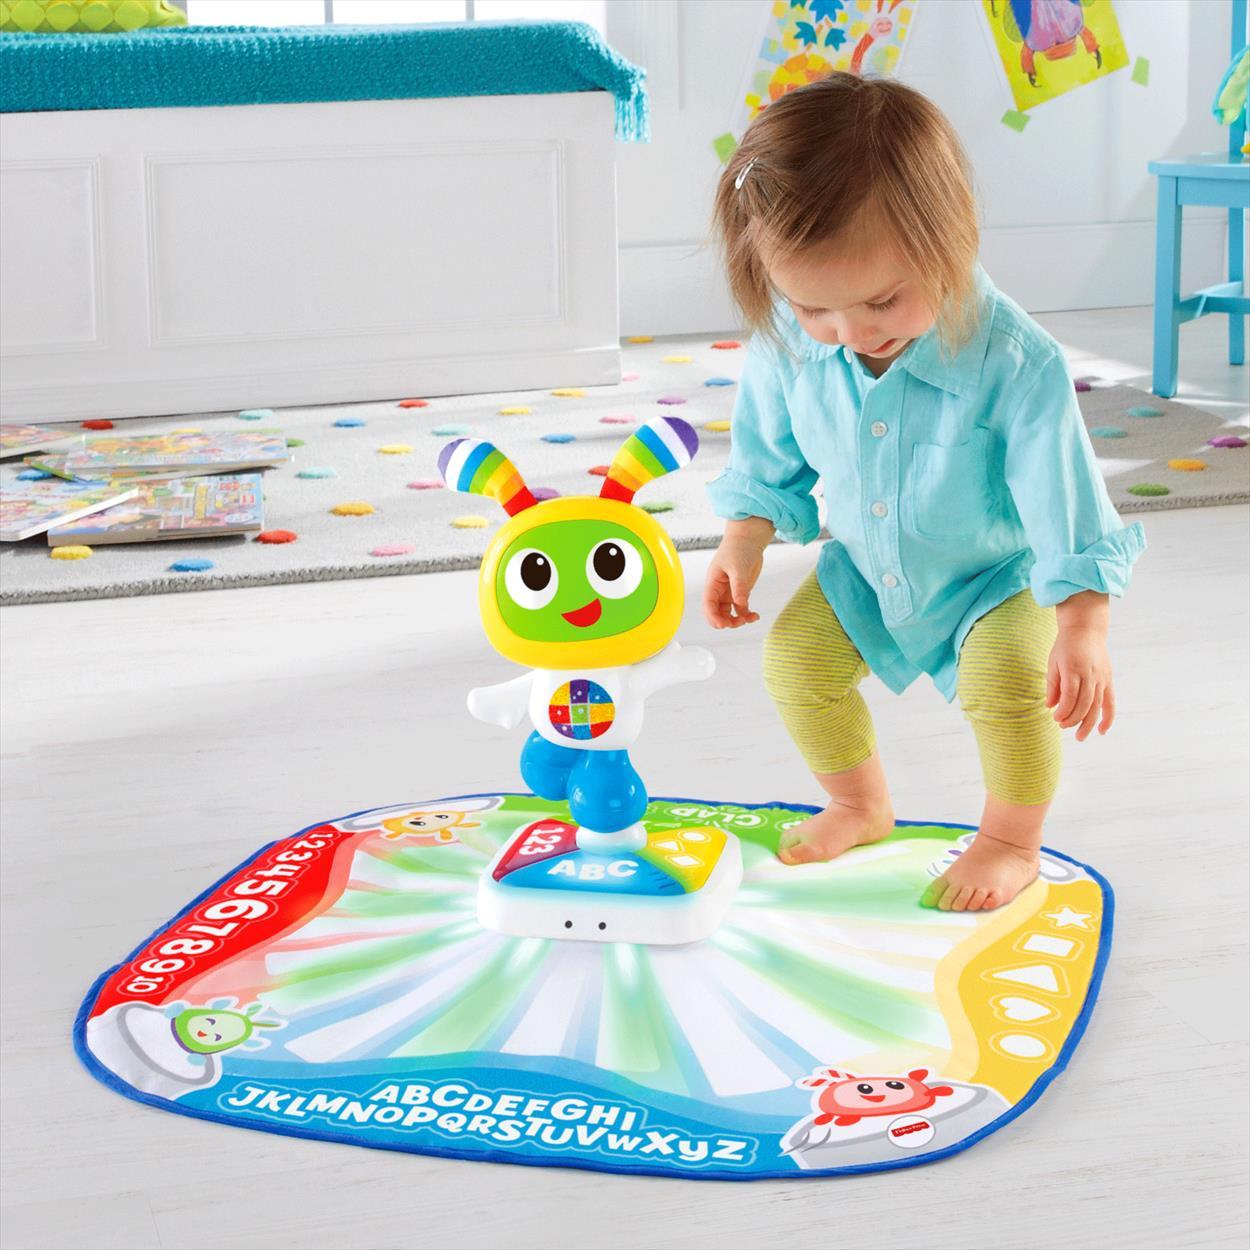 Развивающие игрушки Fisher Price Танцевальный коврик Робота Бибо mattel танцевальный коврик робота бибо fisher price